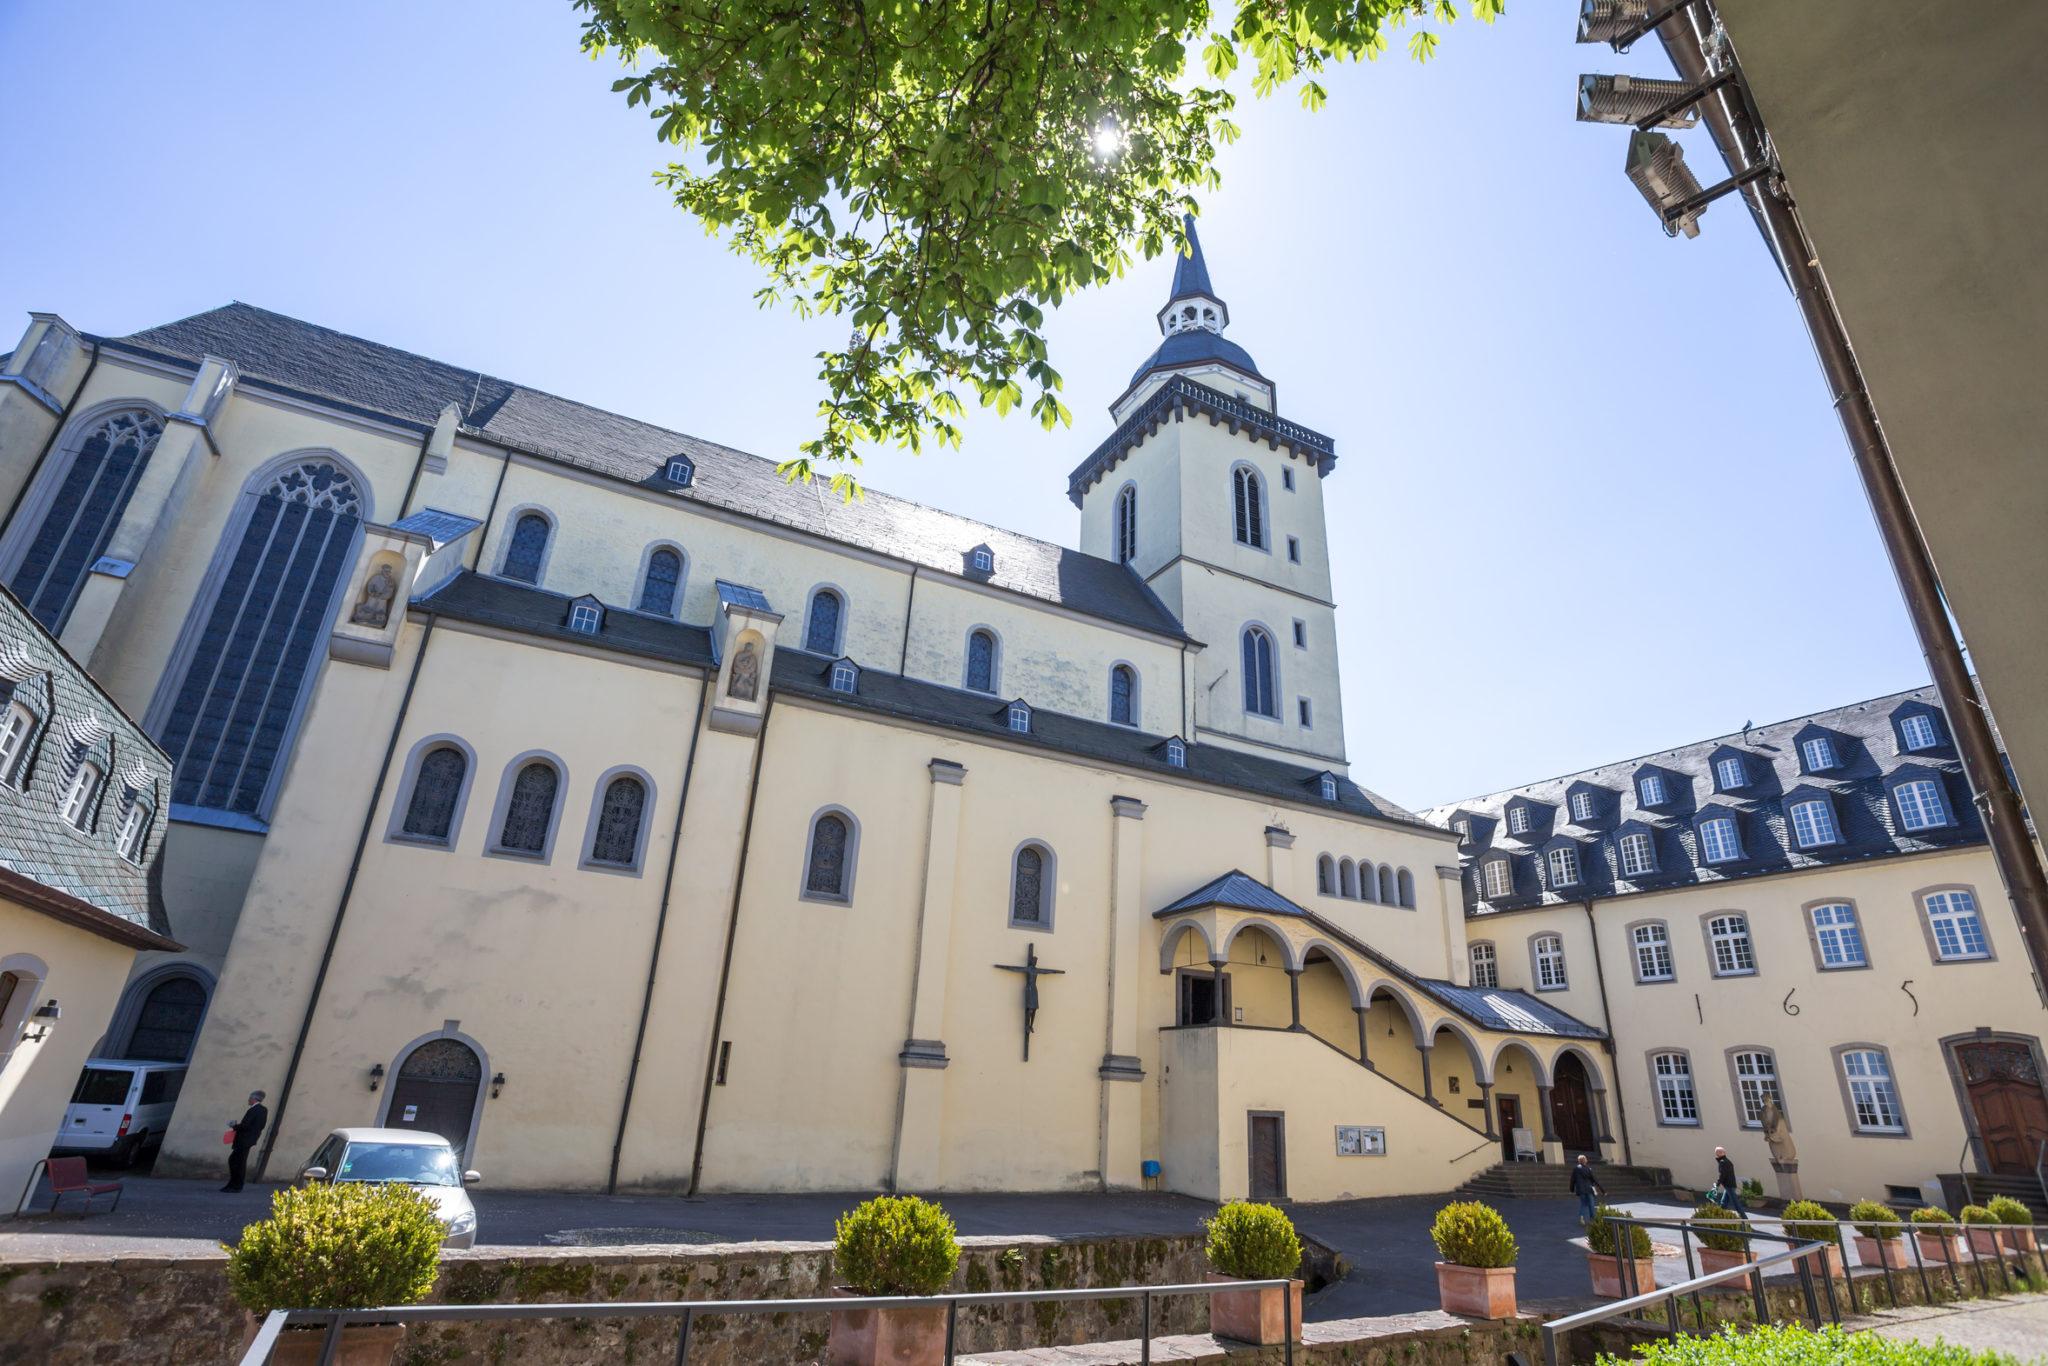 Haushaltsauflösung und Entrümpelung in Sankt Augustin